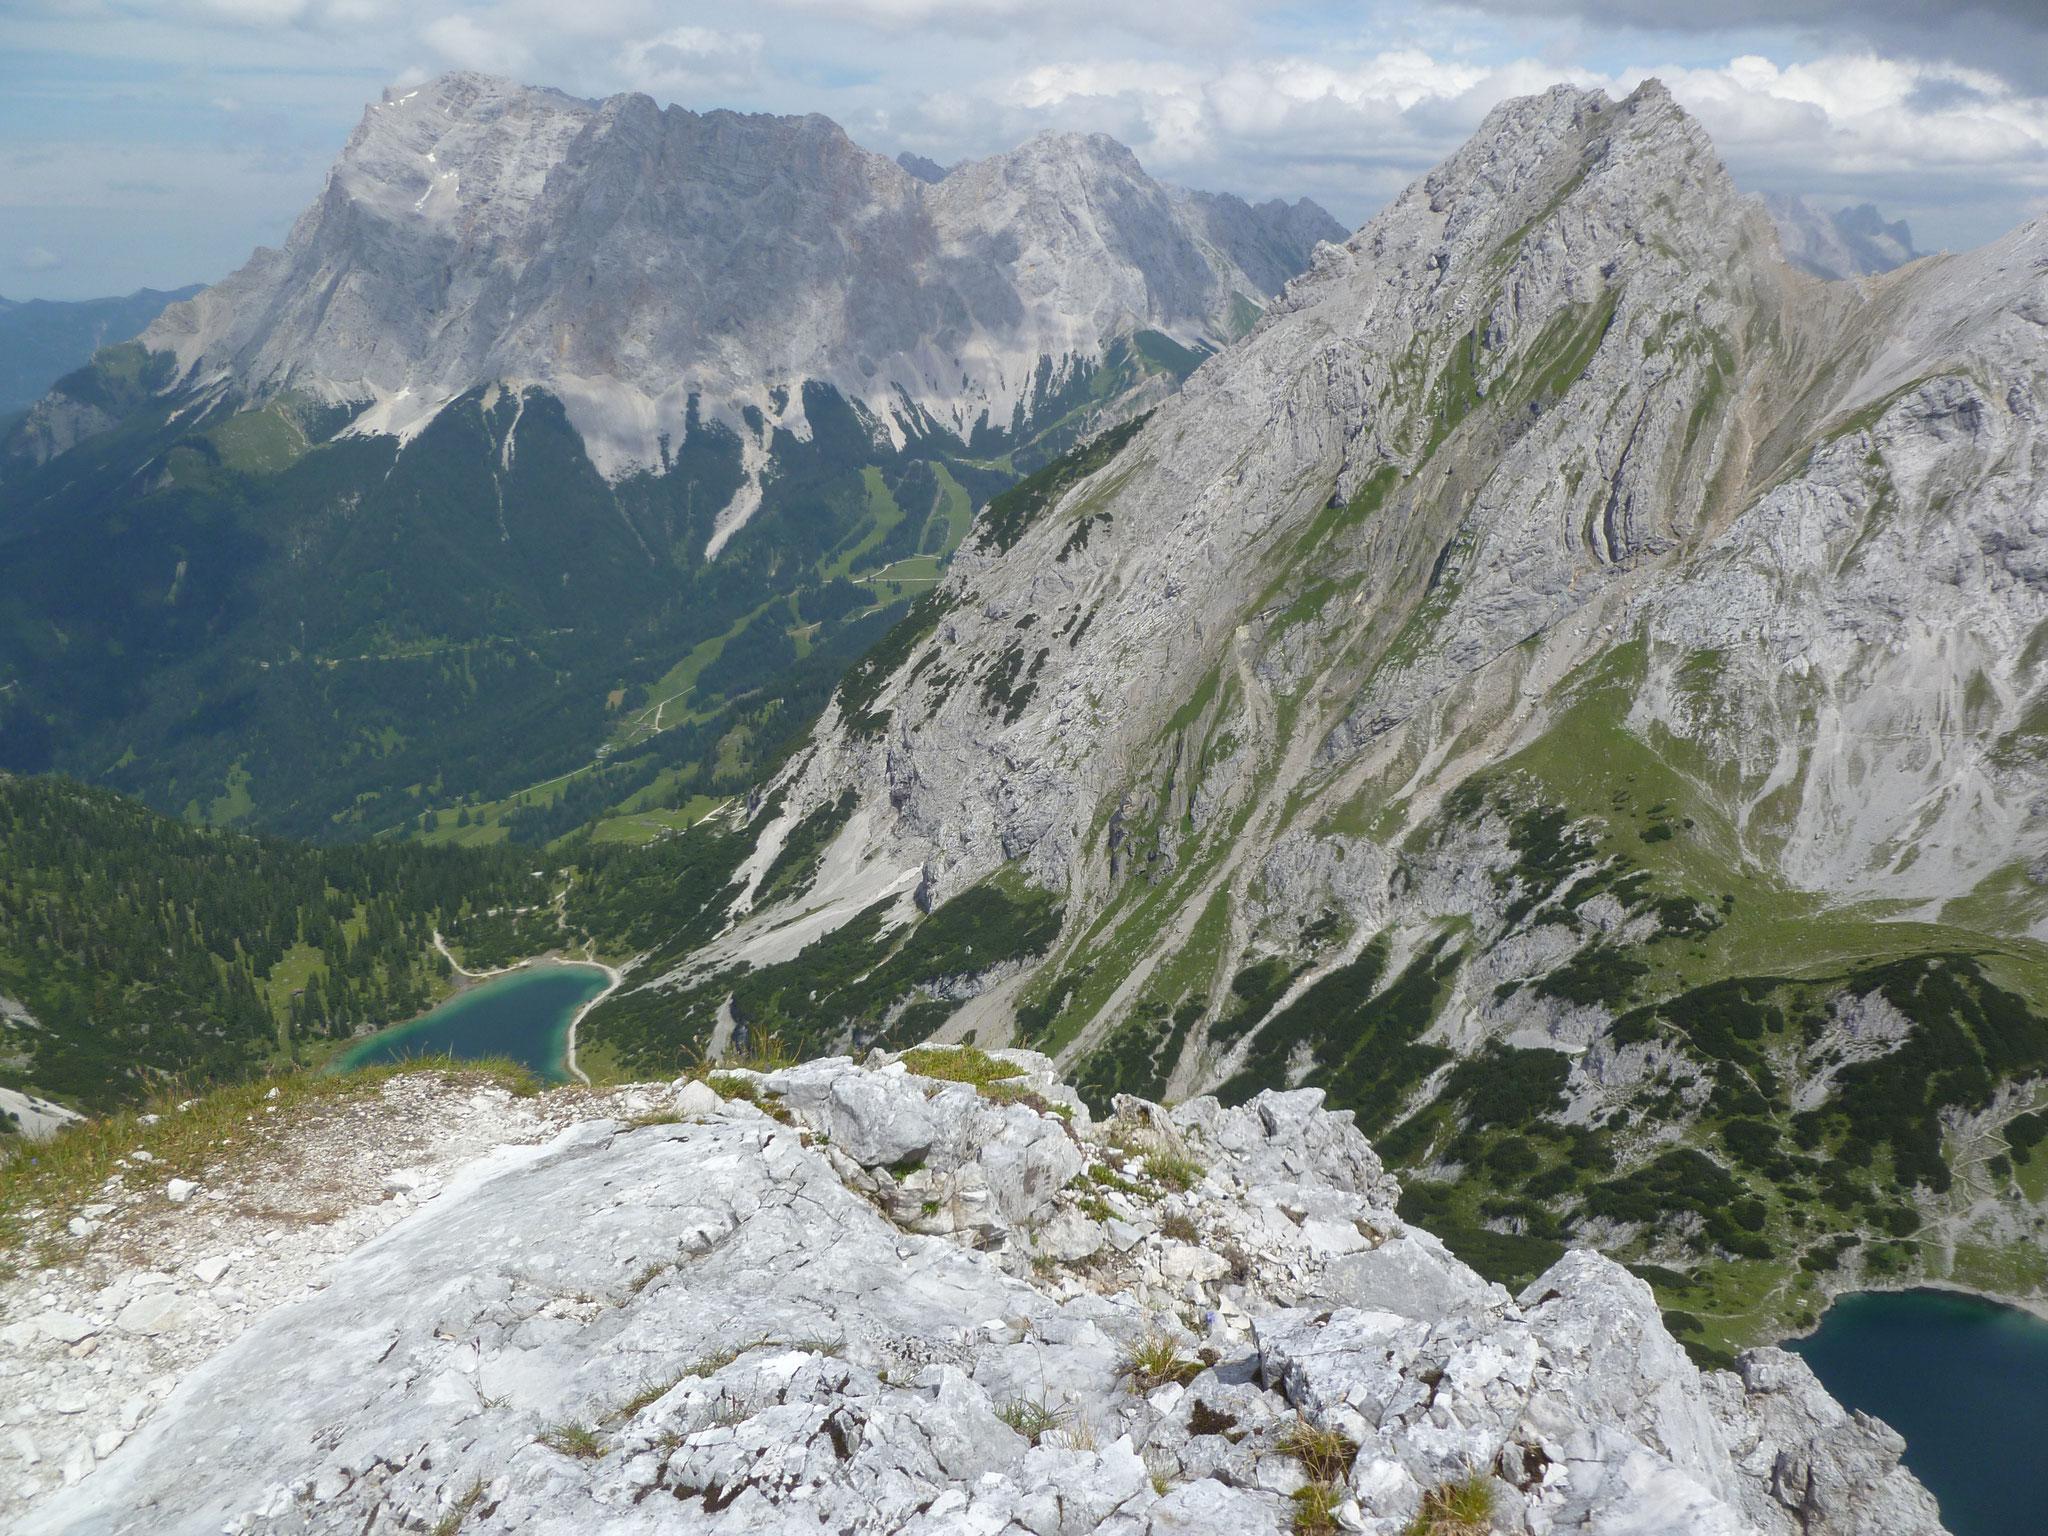 Gipfelausblicke sind doch immer die schönsten!